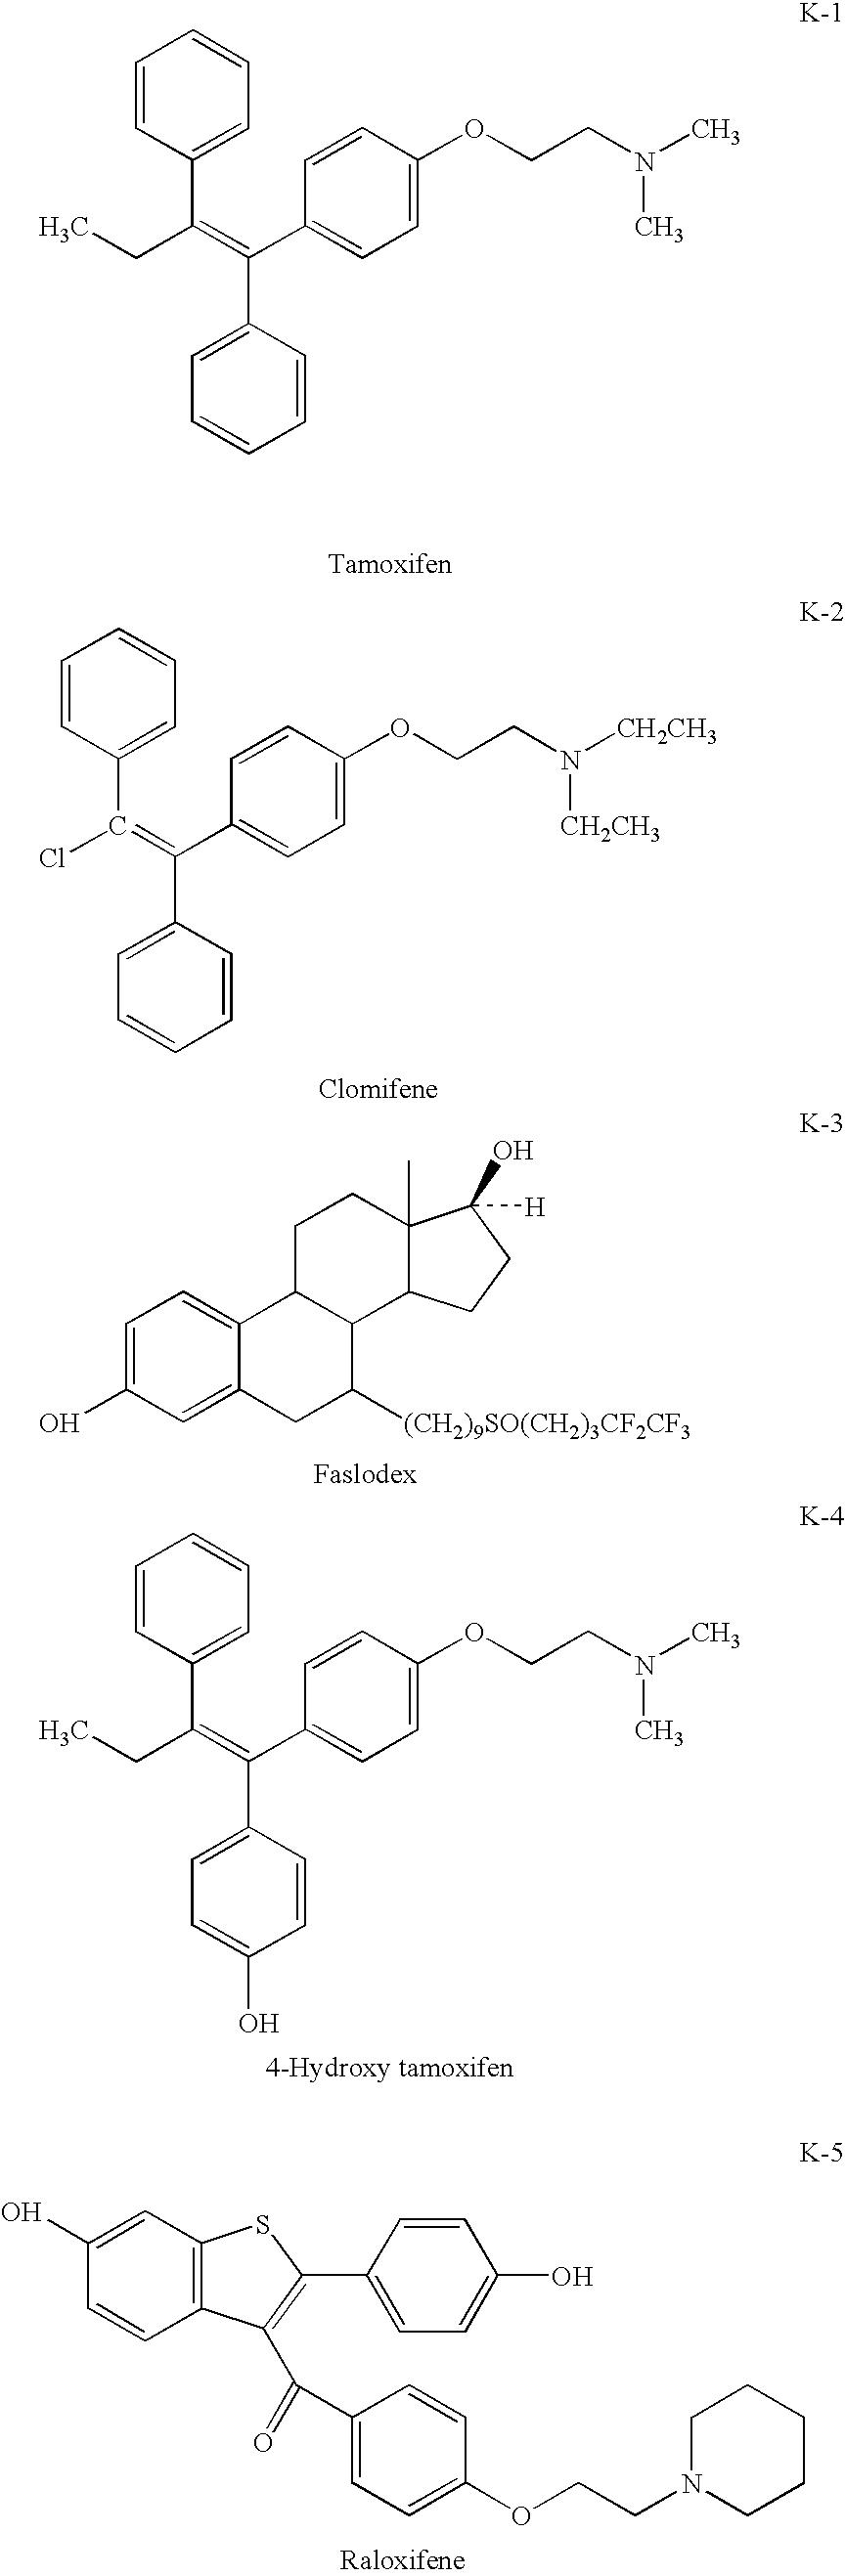 Figure US20070299043A1-20071227-C00146